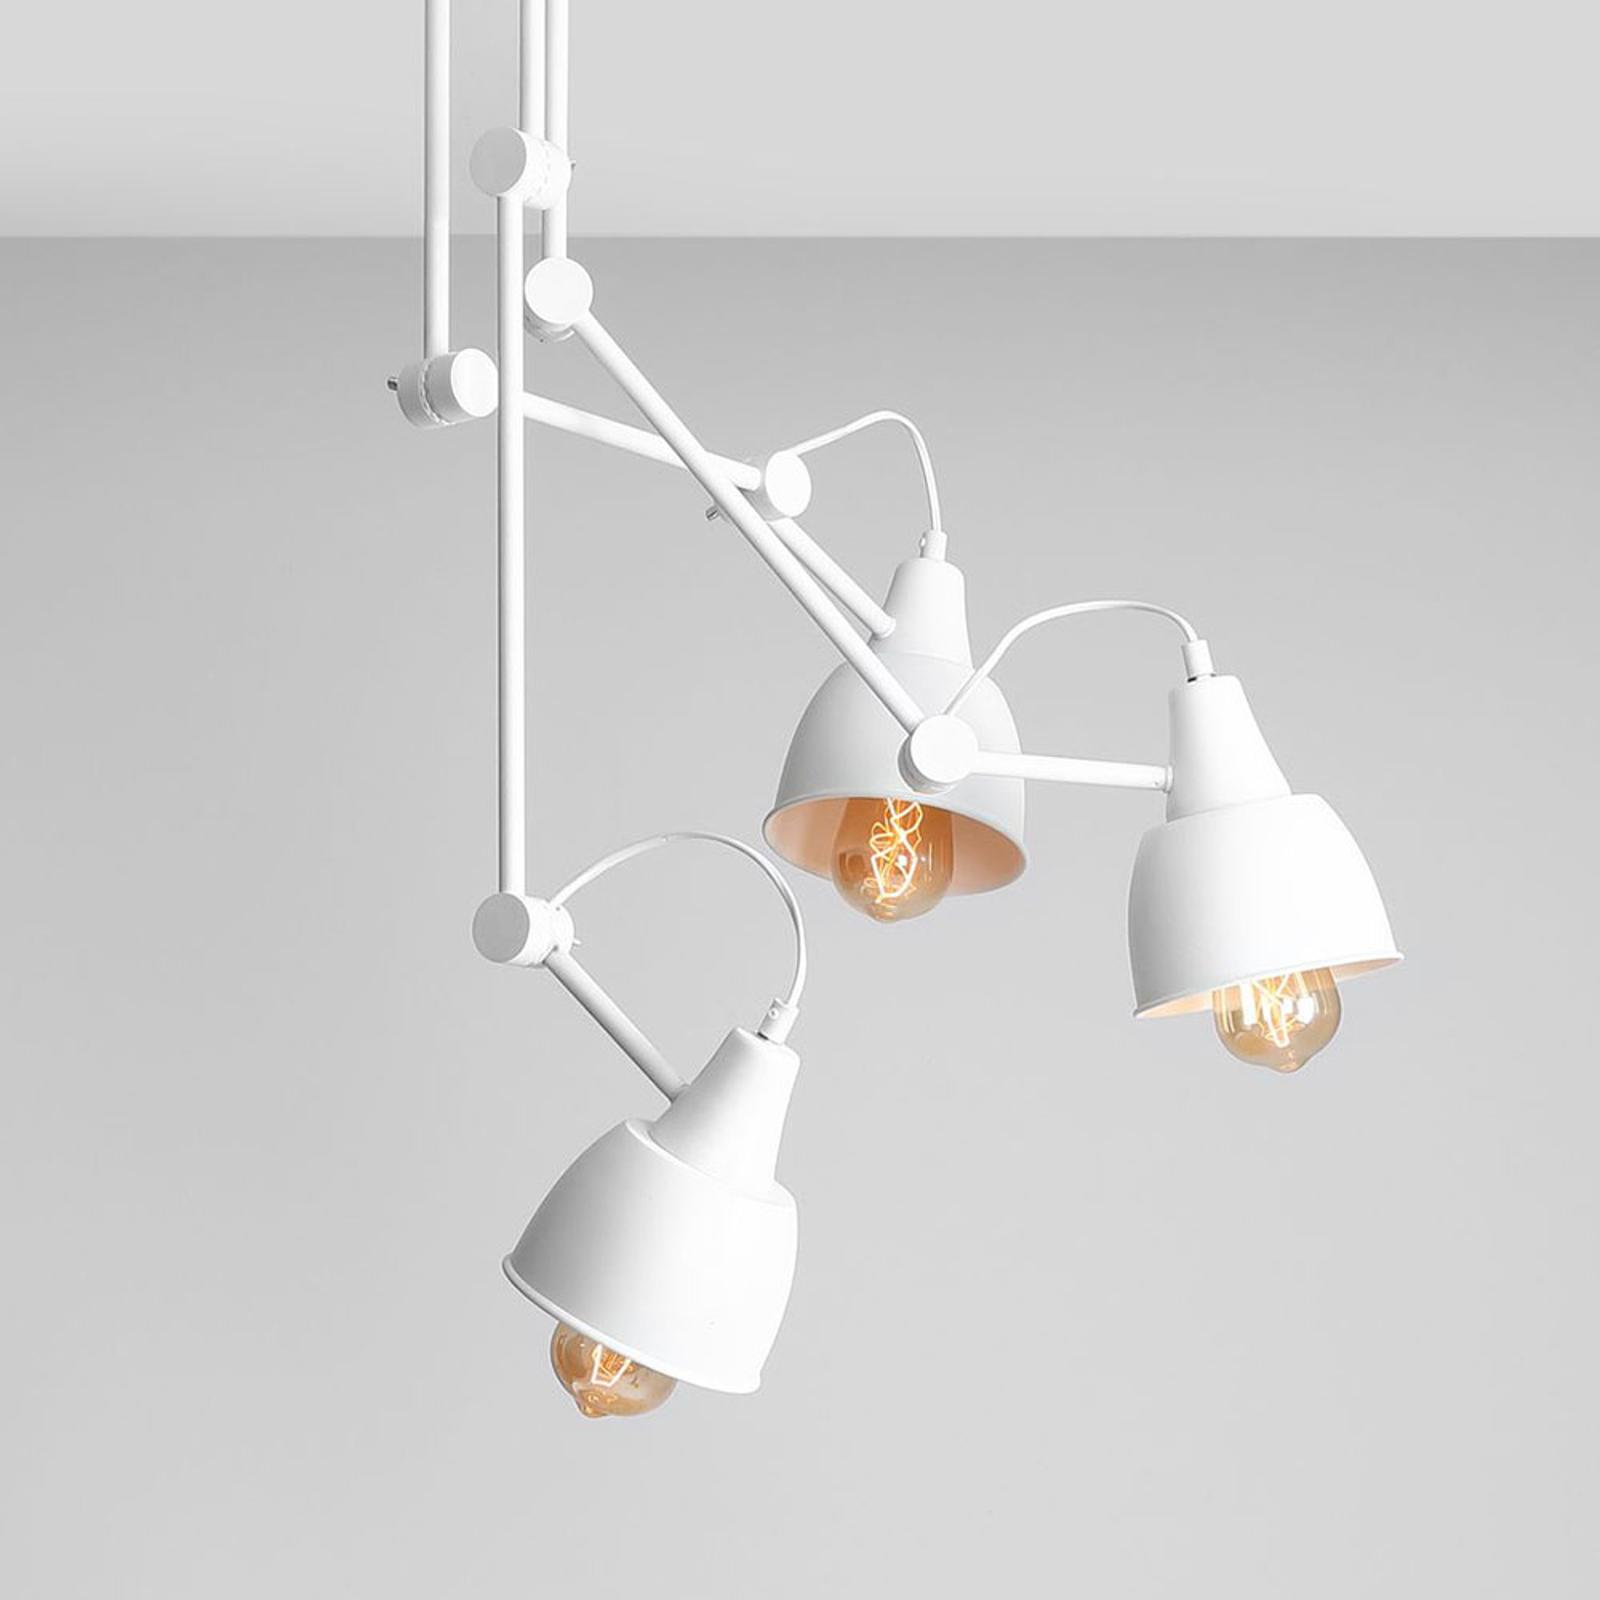 Plafonnier 814, réglable, à 3 lampes, blanc